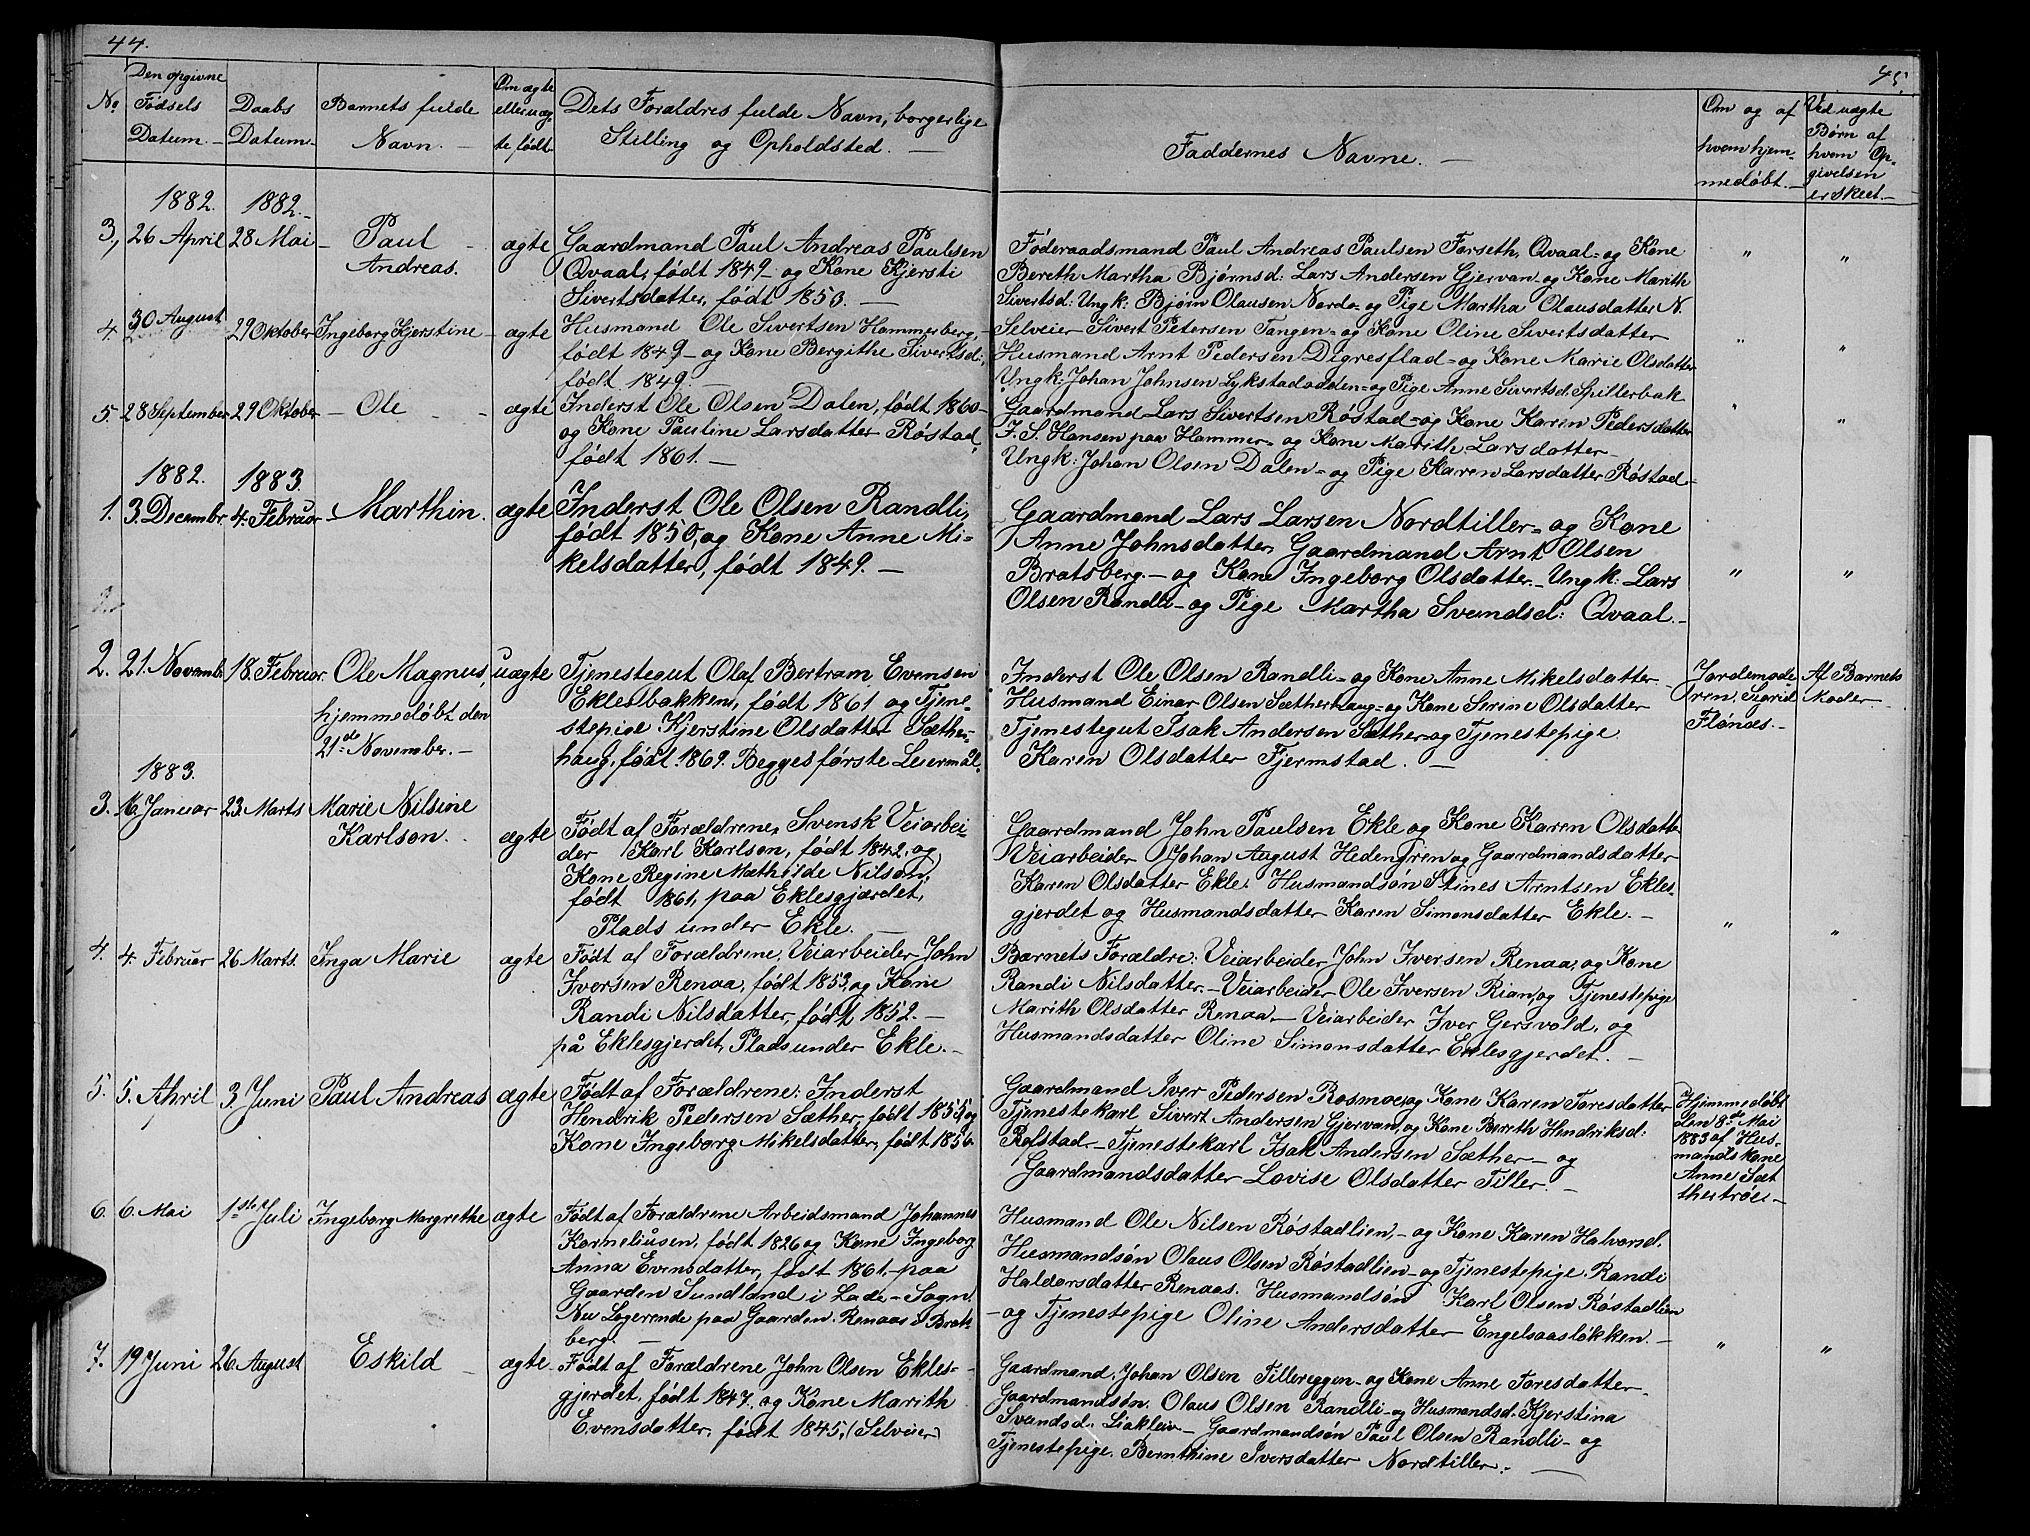 SAT, Ministerialprotokoller, klokkerbøker og fødselsregistre - Sør-Trøndelag, 608/L0340: Klokkerbok nr. 608C06, 1864-1889, s. 44-45